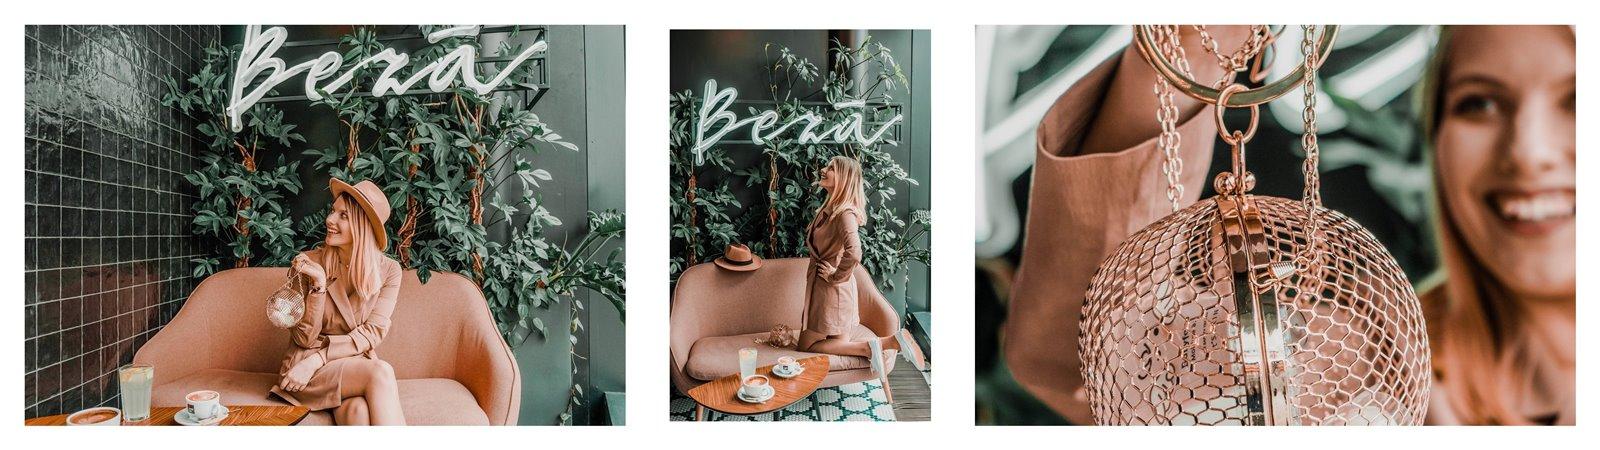 3a nakd sukienka julia wieniawa kolekcja ubrań cena gdzie kupić sukienka trendy na wiosnę 2019 sukienka o kroju płaszcza jak nosić kapelusz złota biżuteria apart torebka asos outlet satisfashion ocena jakość opinie łódź